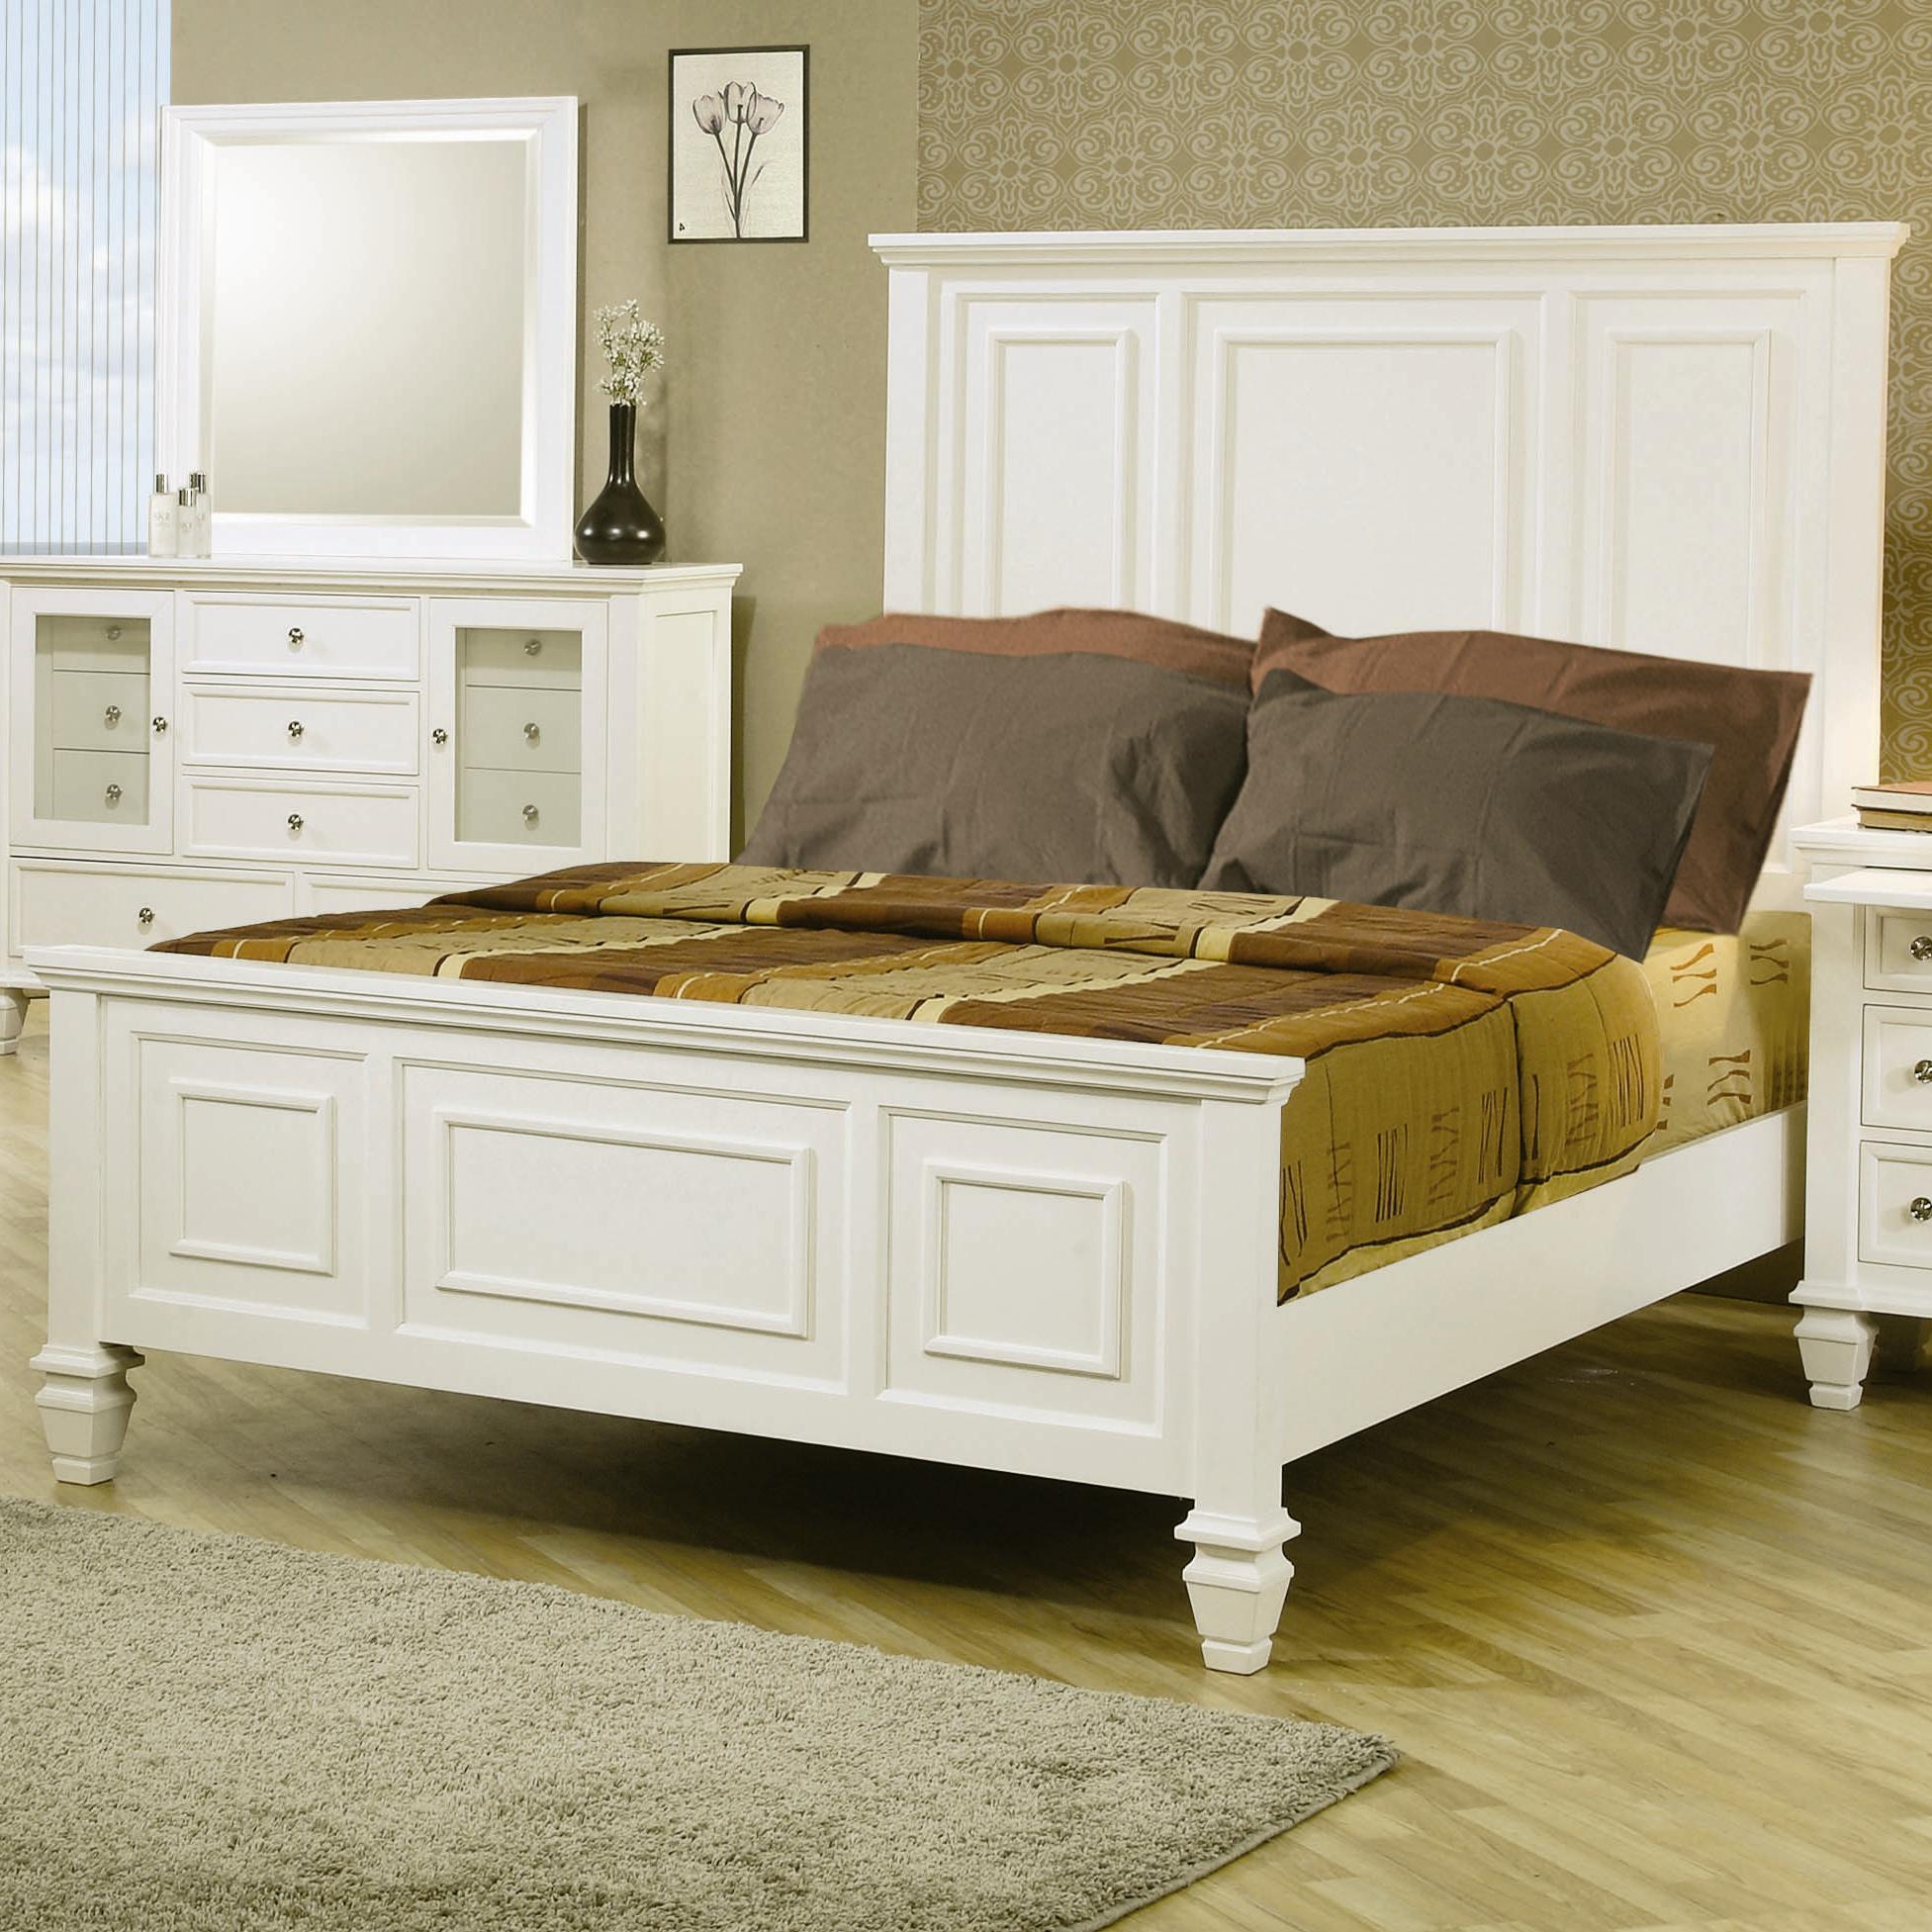 Coaster Sandy Beach Classic Queen High Headboard Bed A1 Furniture Mattress Panel Beds